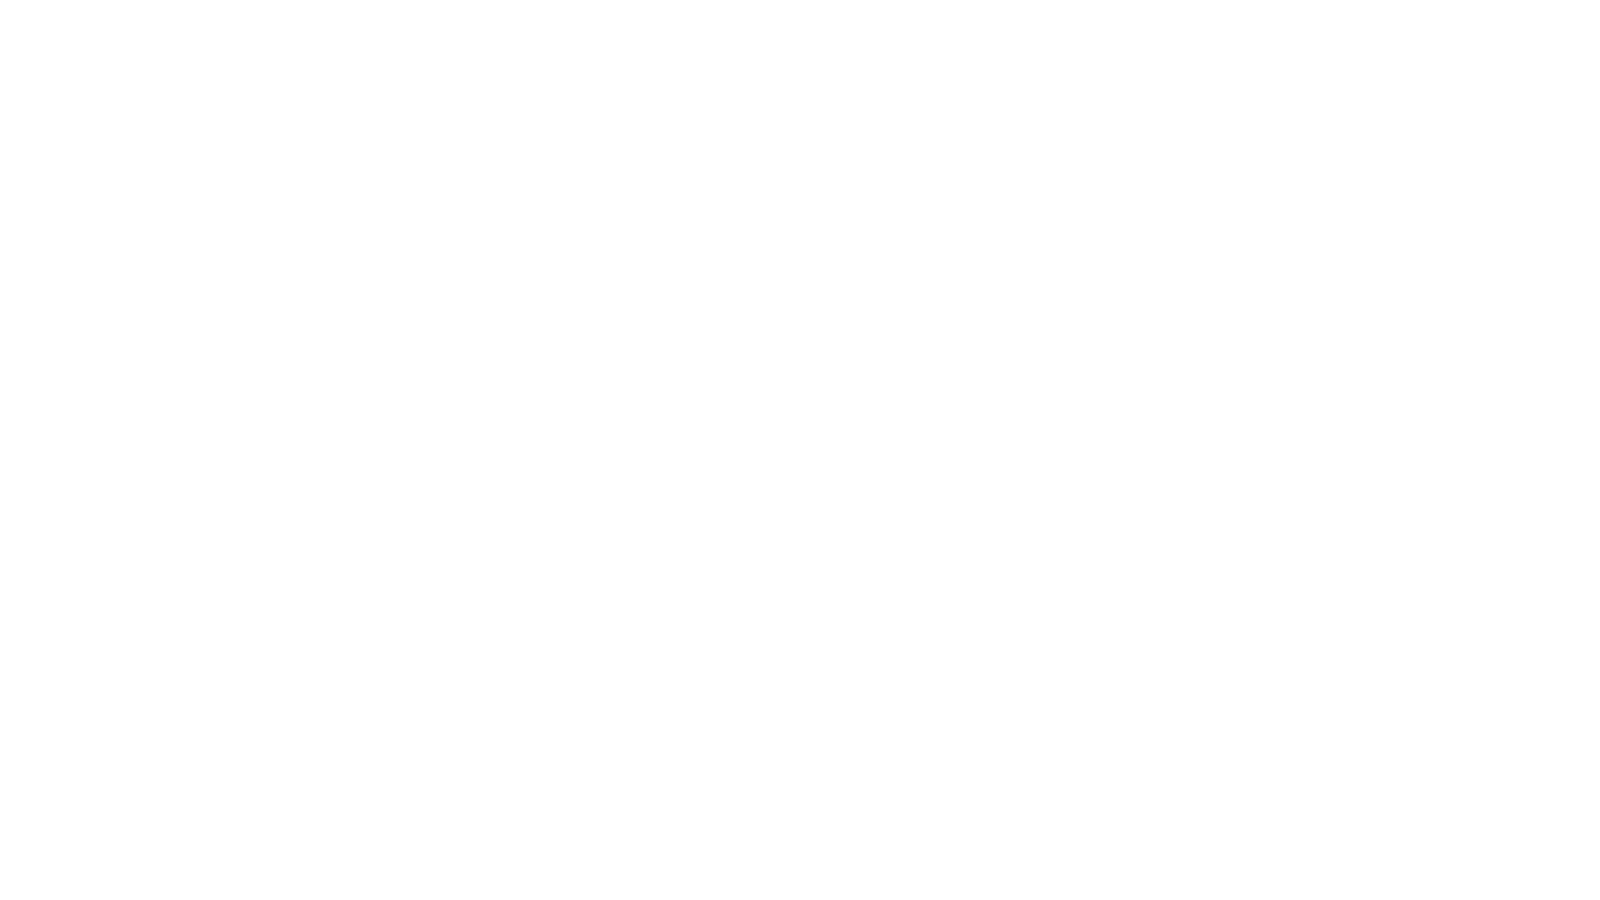 """Femtiåttende forfatter ut i """"Digi-forfatterintervju i landsbyen"""" er Bård Nannestad  Han er en norsk sykepleier og forfatter. Nannestad er oppvokst i Nittedal og bosatt i Arendal. Han er utdannet sykepleier og arbeider som psykiatrisk sykepleier.  Han debuterte i 2012 med romanen «Da Henrik Husten kom hjem» på forlaget Vigmostad og Bjørke. Ifølge forfatteren er ikke bokens handling selvbiografisk, men er inspirert av hans oppvekst i Nittedal. Romanen ble tildelt Sørlandets litteraturpris for 2013. I 2019 utga Nannestad romanen «Mannen som elsket livet». «Osloeventyr» ble utgitt senere samme år sammen med Christian Rene Wold.  Filmen kan streames på TV, PC, mobil og nettbrett. Den kan også høres som podkast, og har du noen spørsmål til forfatteren, legg gjerne igjen en kommentar etter å ha sett filmen.  © Bård Nannestad © Simen Ingemundsen © Digi-forfatterintervju i landsbyen (https://www.facebook.com/digiforfatterintervjuilandsbyen/?modal=admin_todo_tour) © Boktimmy (www.boktimmy.blogg.no)"""